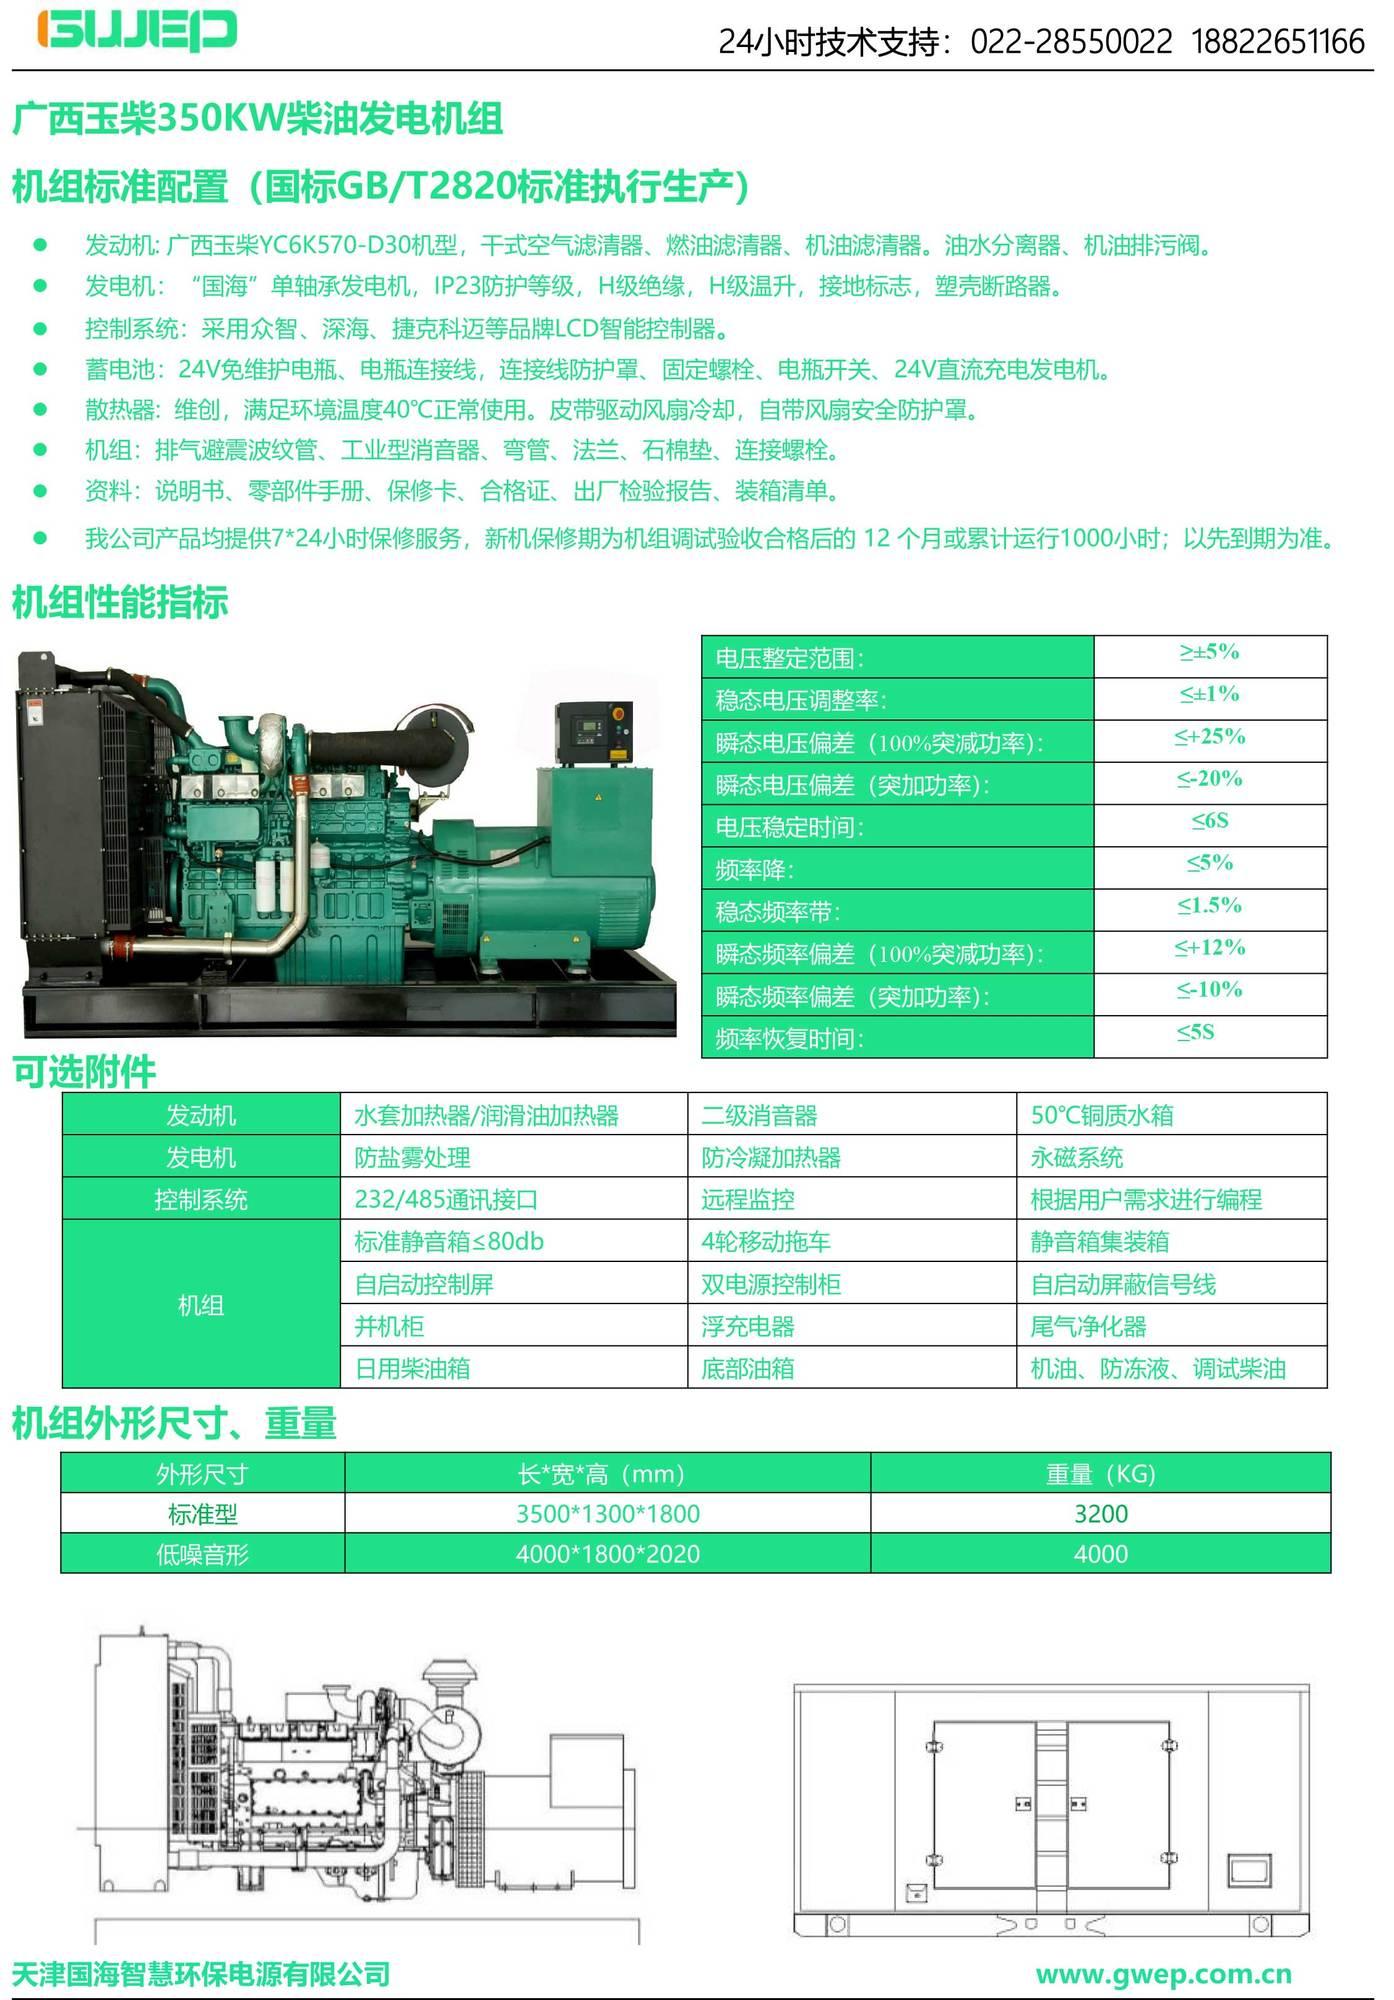 玉柴350KW发电机组技术资料-1.jpg